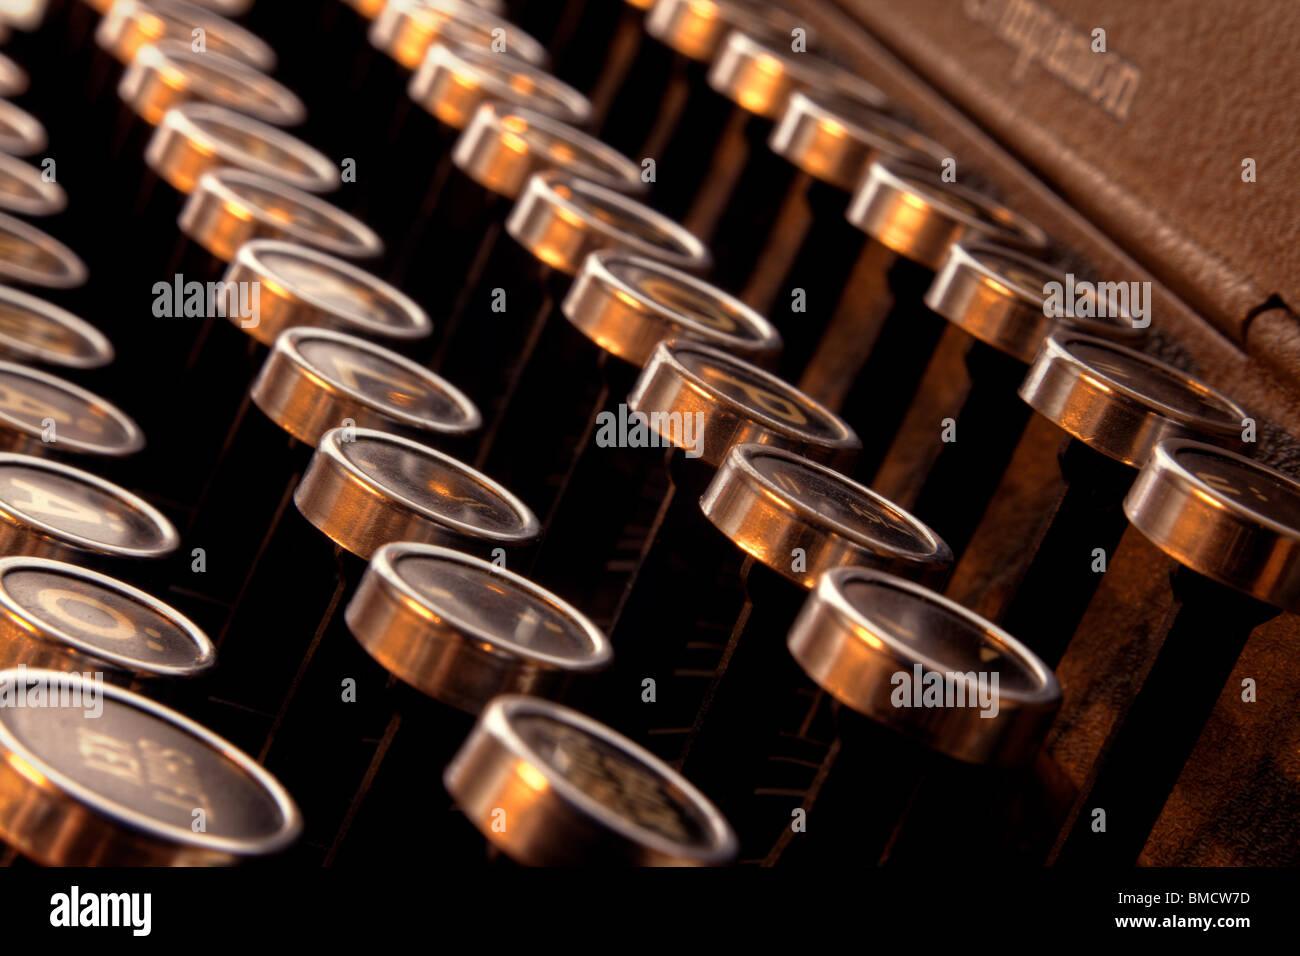 Typewriter keys - Stock Image